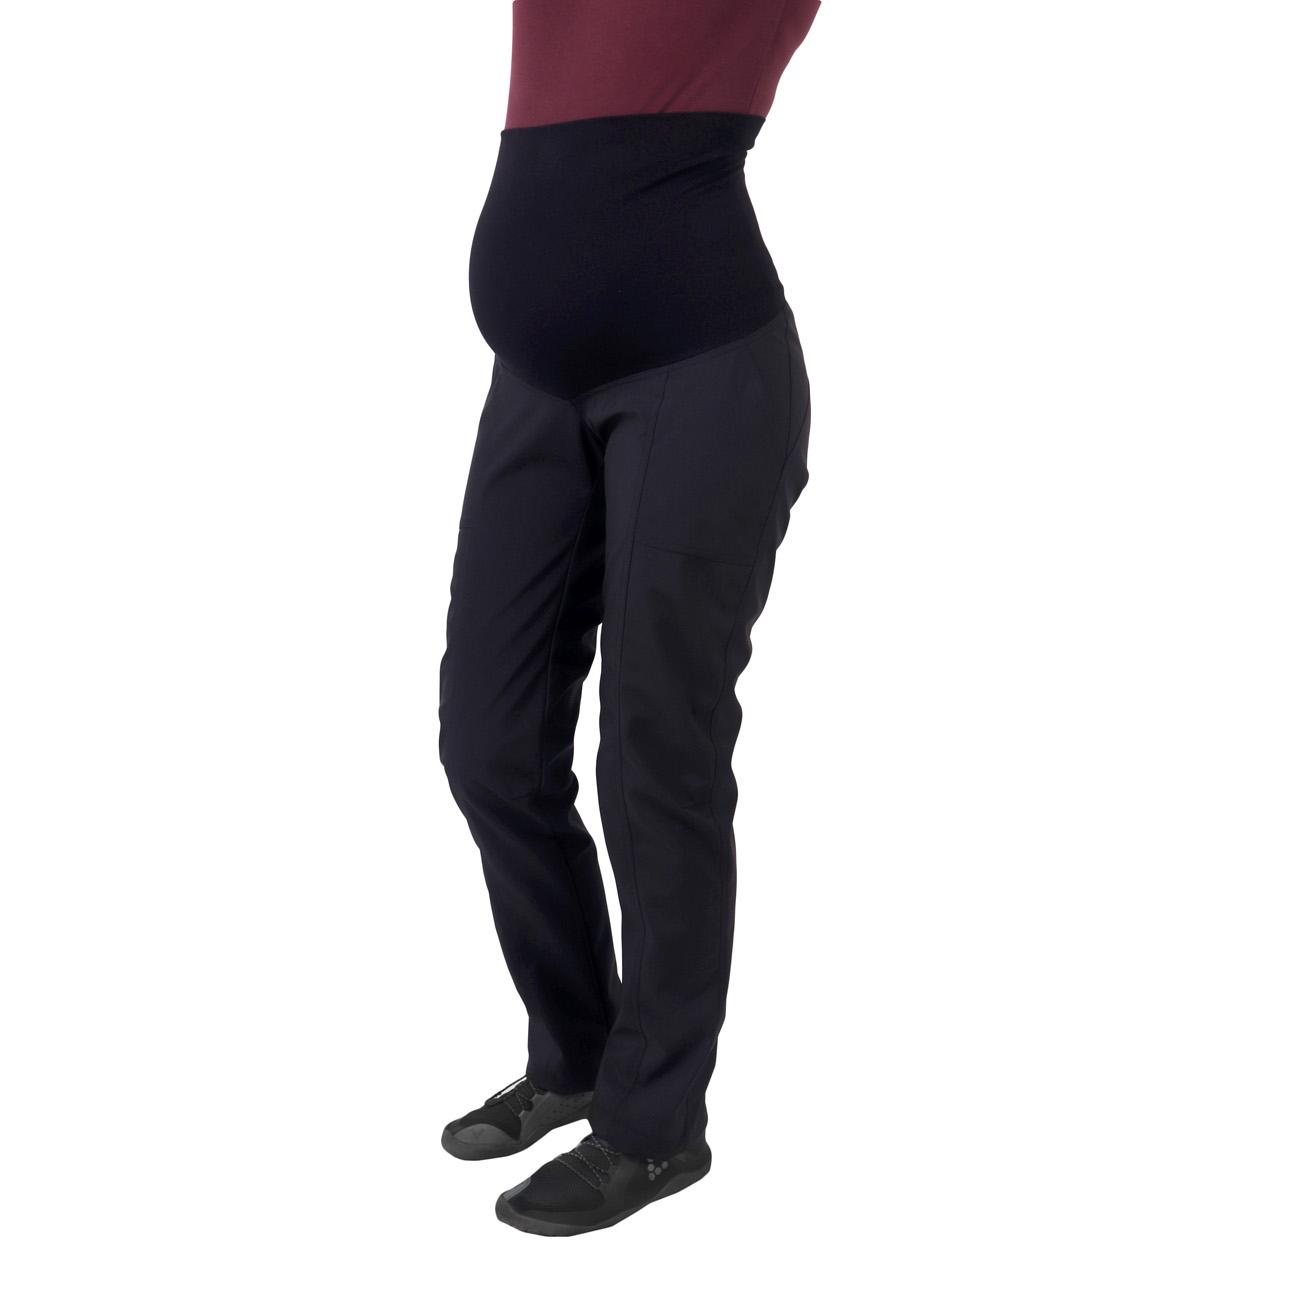 Jarní/letní těhotenské softshellové kalhoty liva, černé, 36 prodloužené